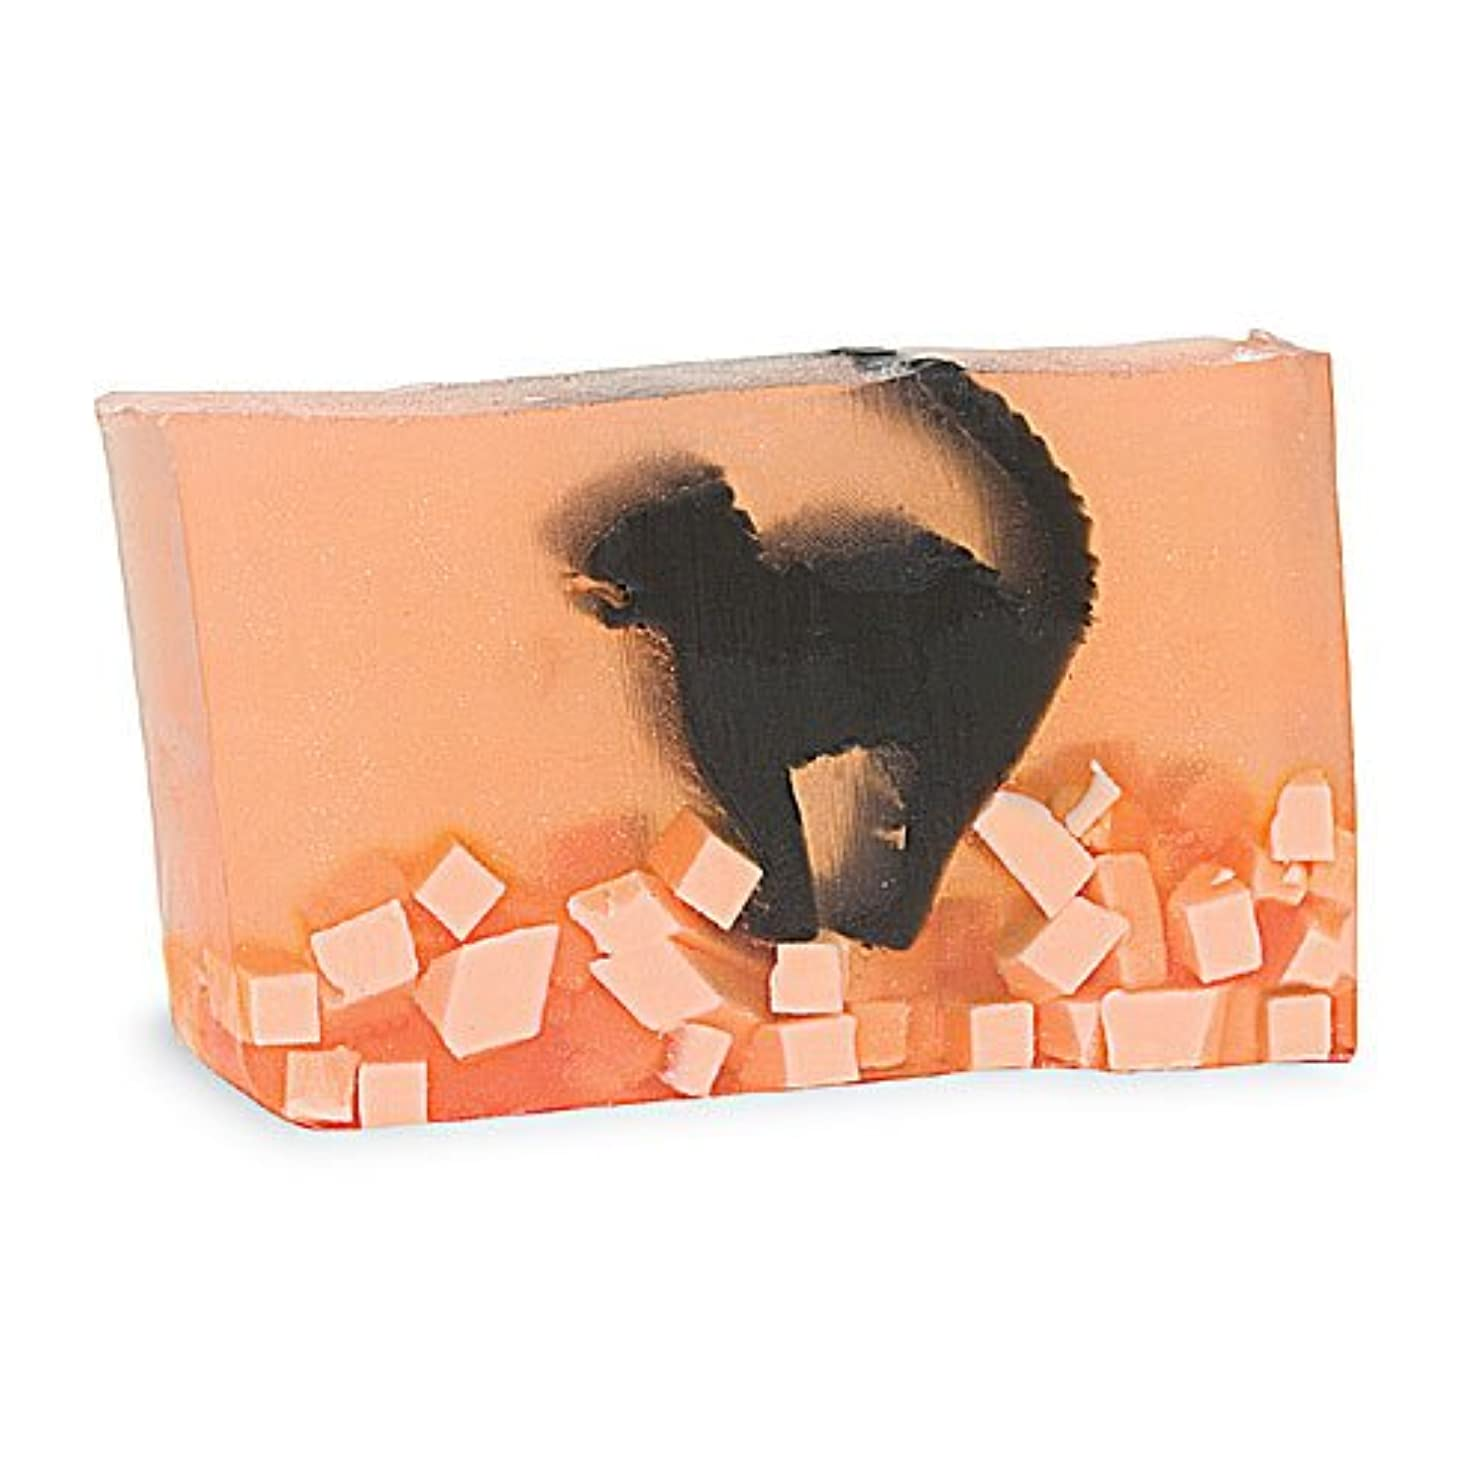 ヒョウ入場料悲しむプライモールエレメンツ アロマティック ソープ スケアディキャット 180g ハロウィンにおすすめ植物性のナチュラル石鹸